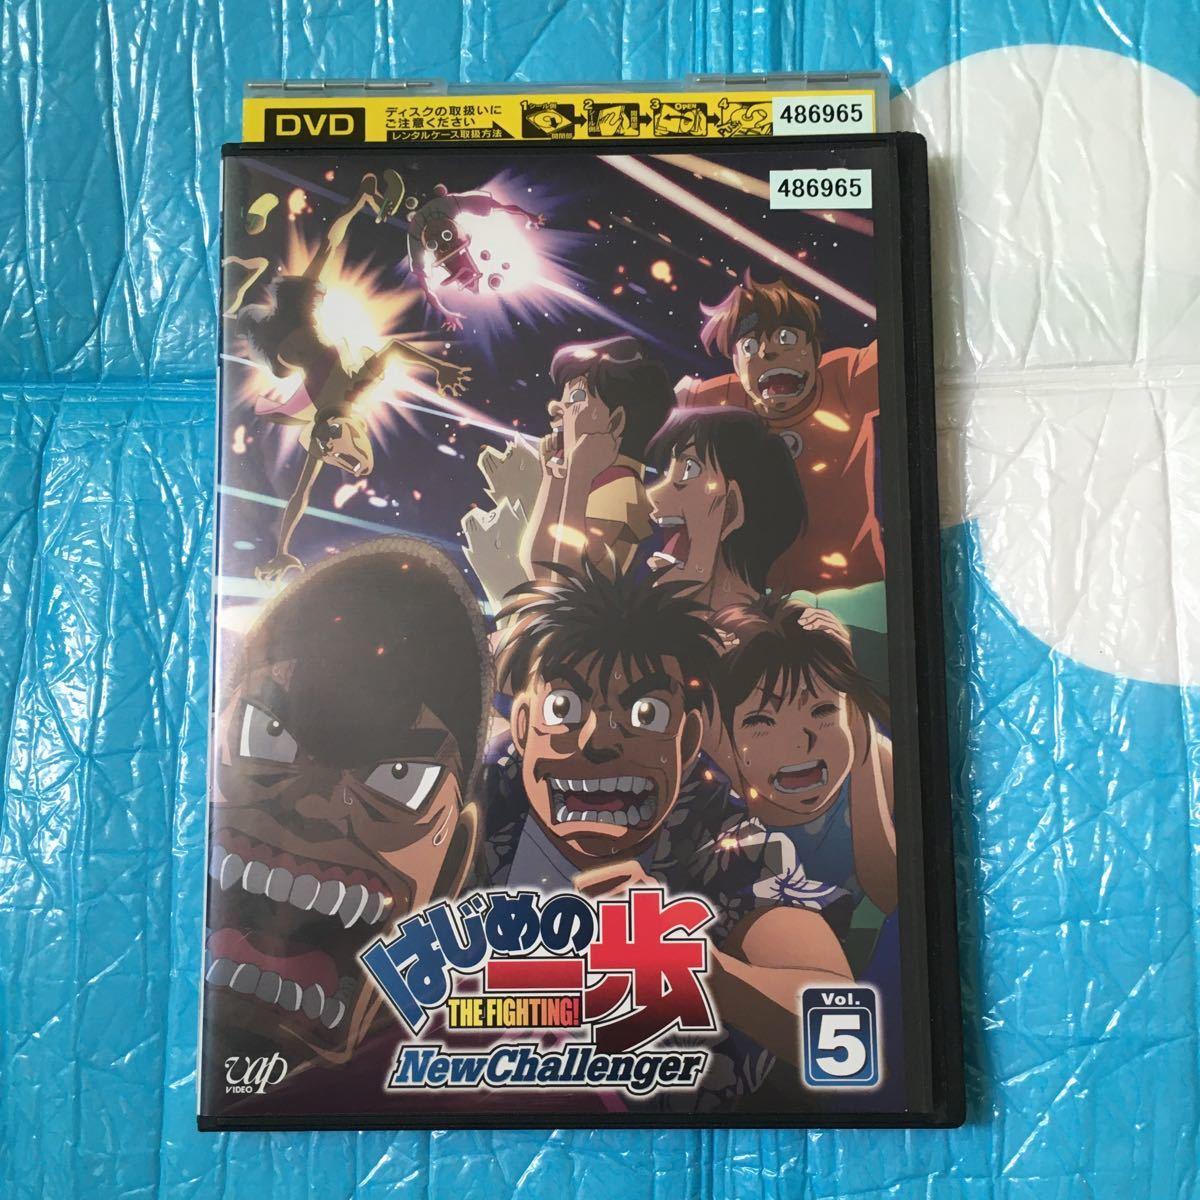 はじめの一歩 New challenger レンタル落ち vol.5